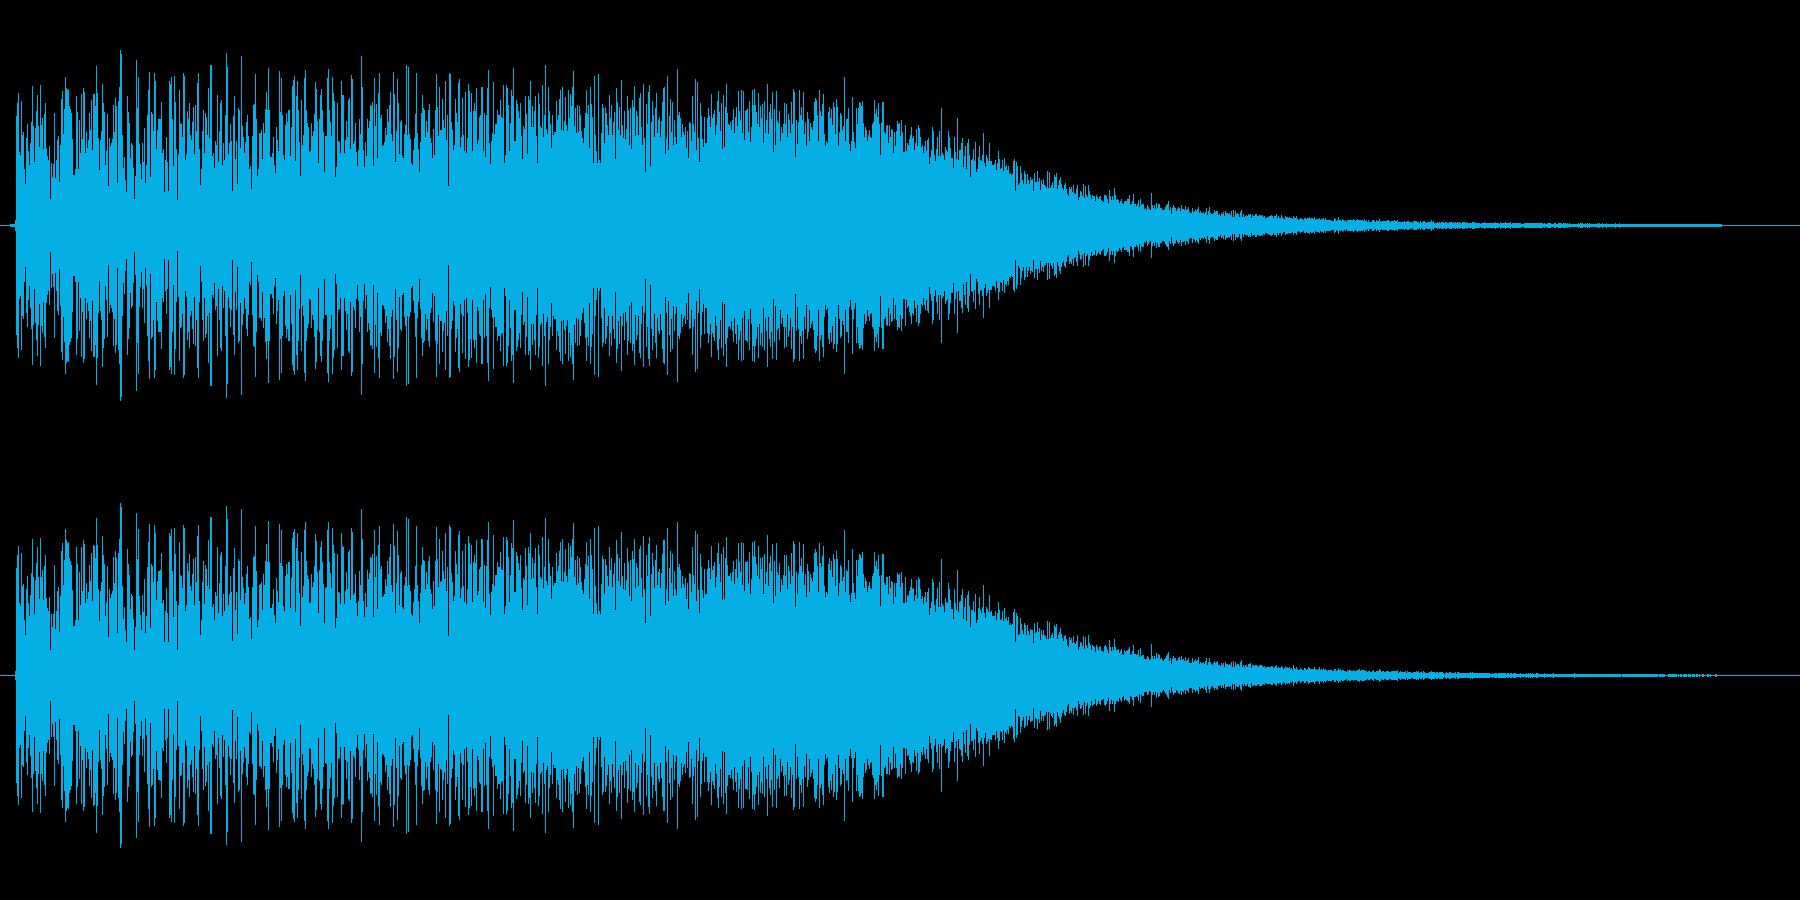 トゥルルルルルリン(場面転換向きの音源)の再生済みの波形